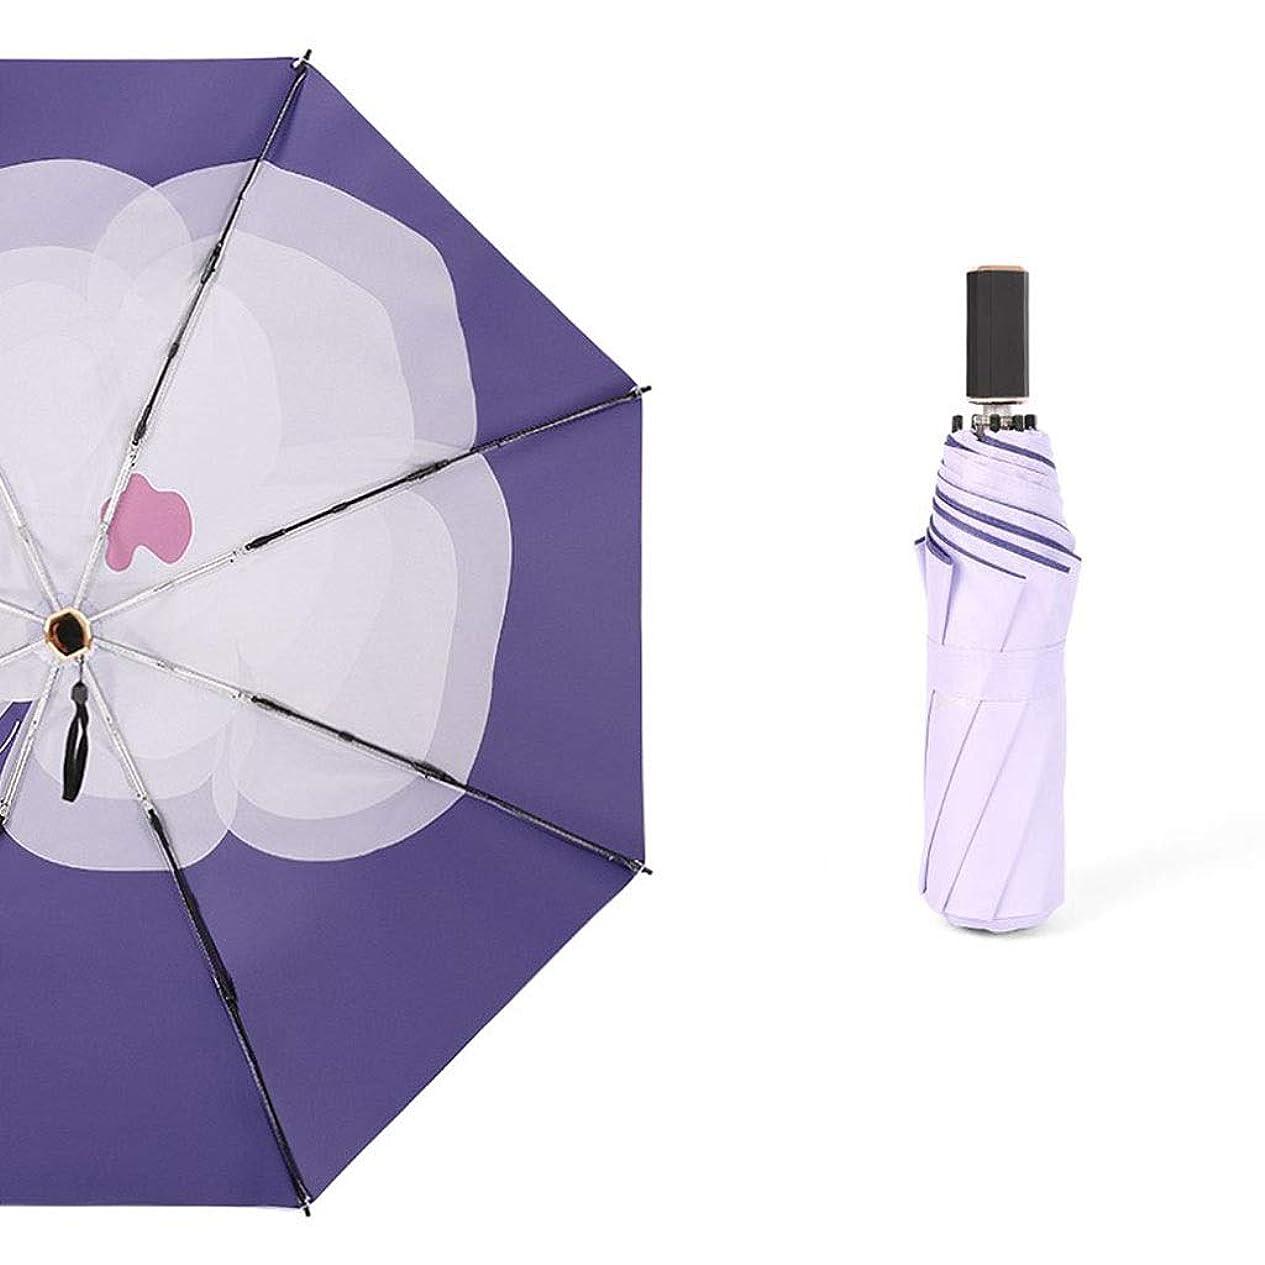 任命書道私達ラオハオクラシック傘 傘ポケット傘超軽量紫外線防止ポータブルデュアルユース風耐性速乾性93センチ×53センチ紫色の花 LAOHAO